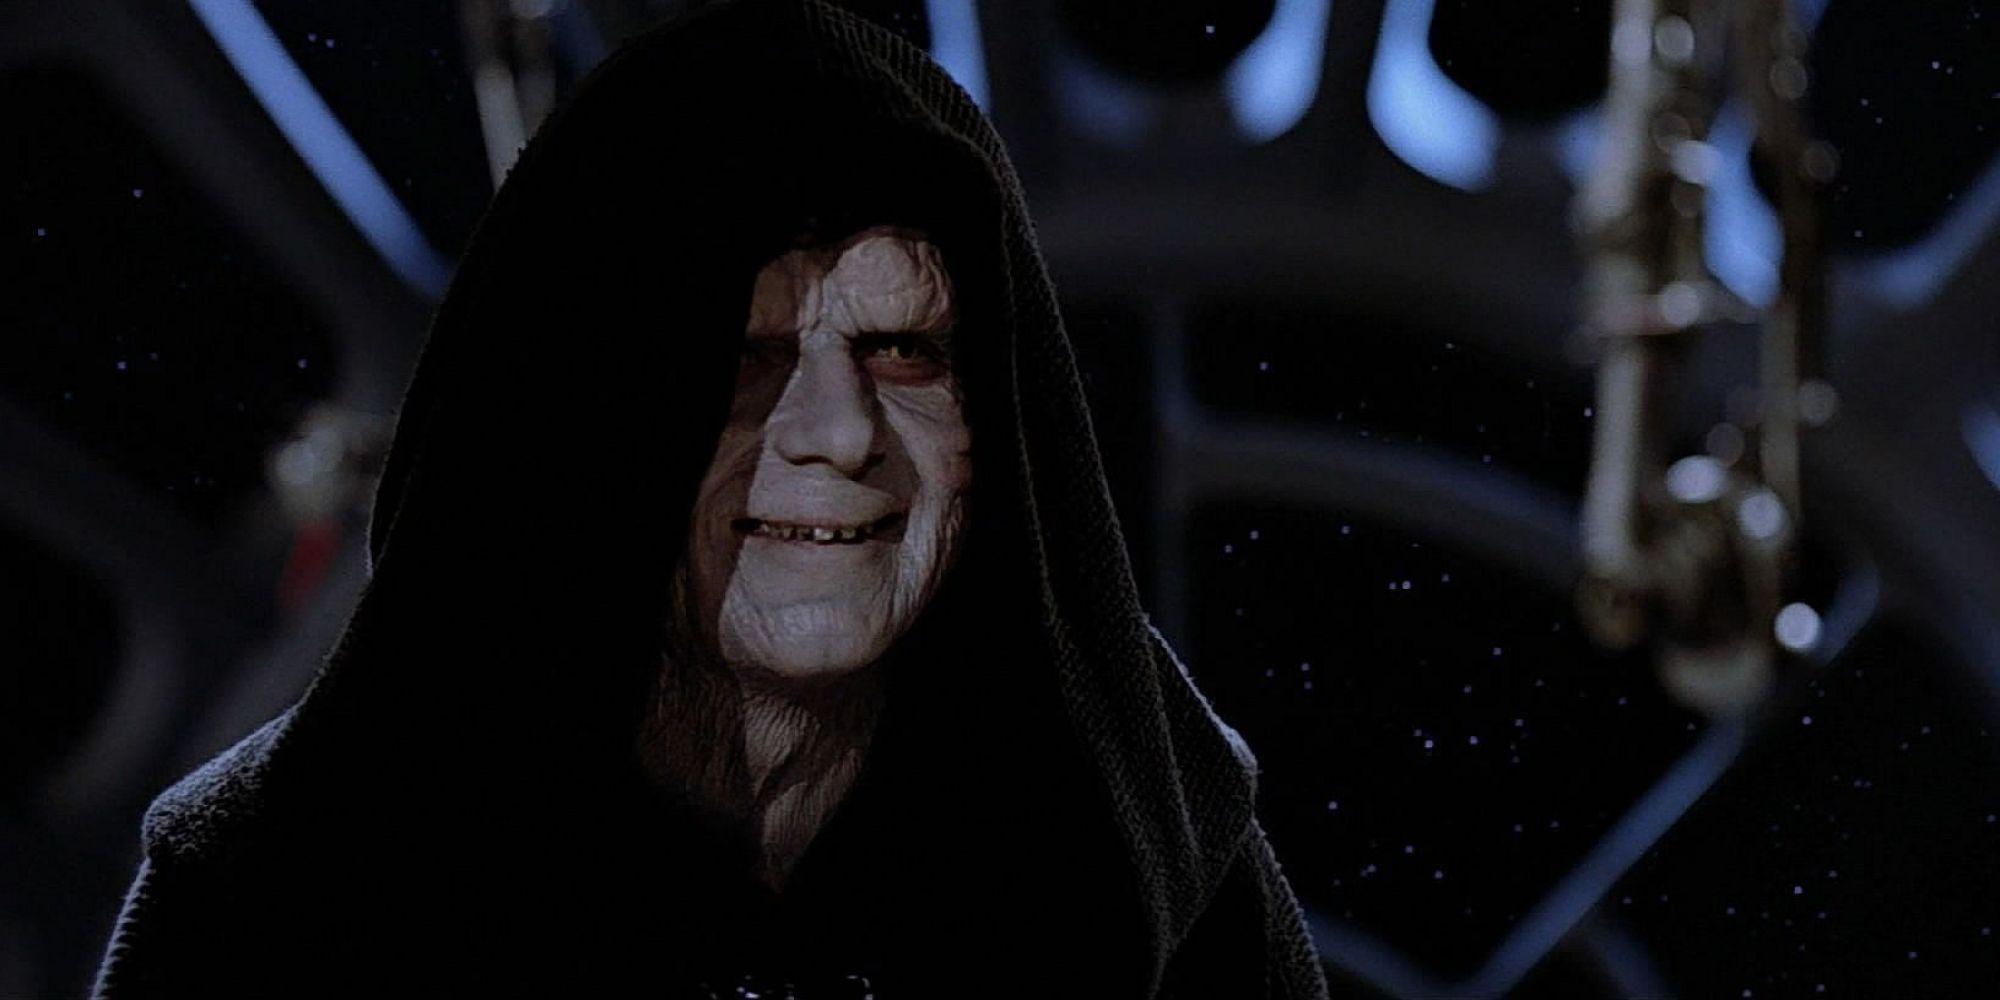 Jak Palpatine przeżył? Scenarzysta zdradza ważny szczegół powrotu w Star Wars 9